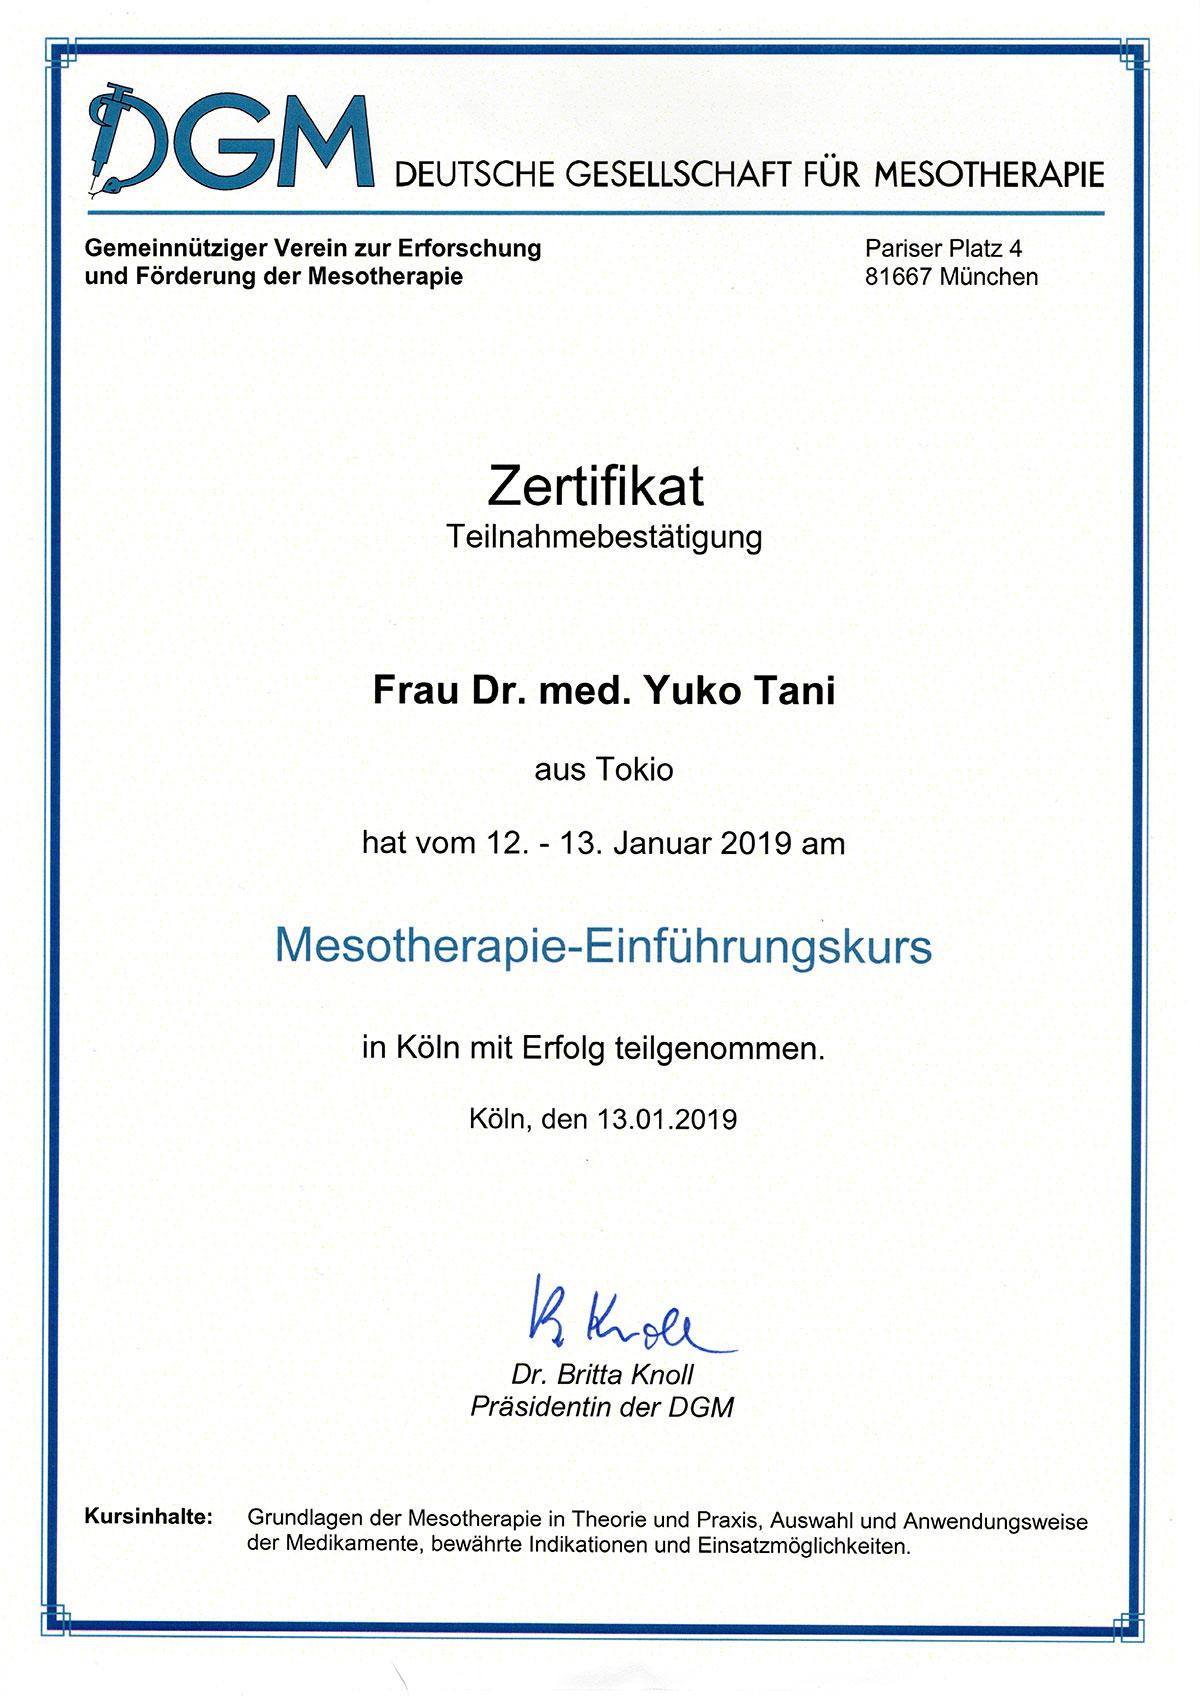 Deutsche Gesellschaft für Mesotherapie ドイツメソセラピー協会